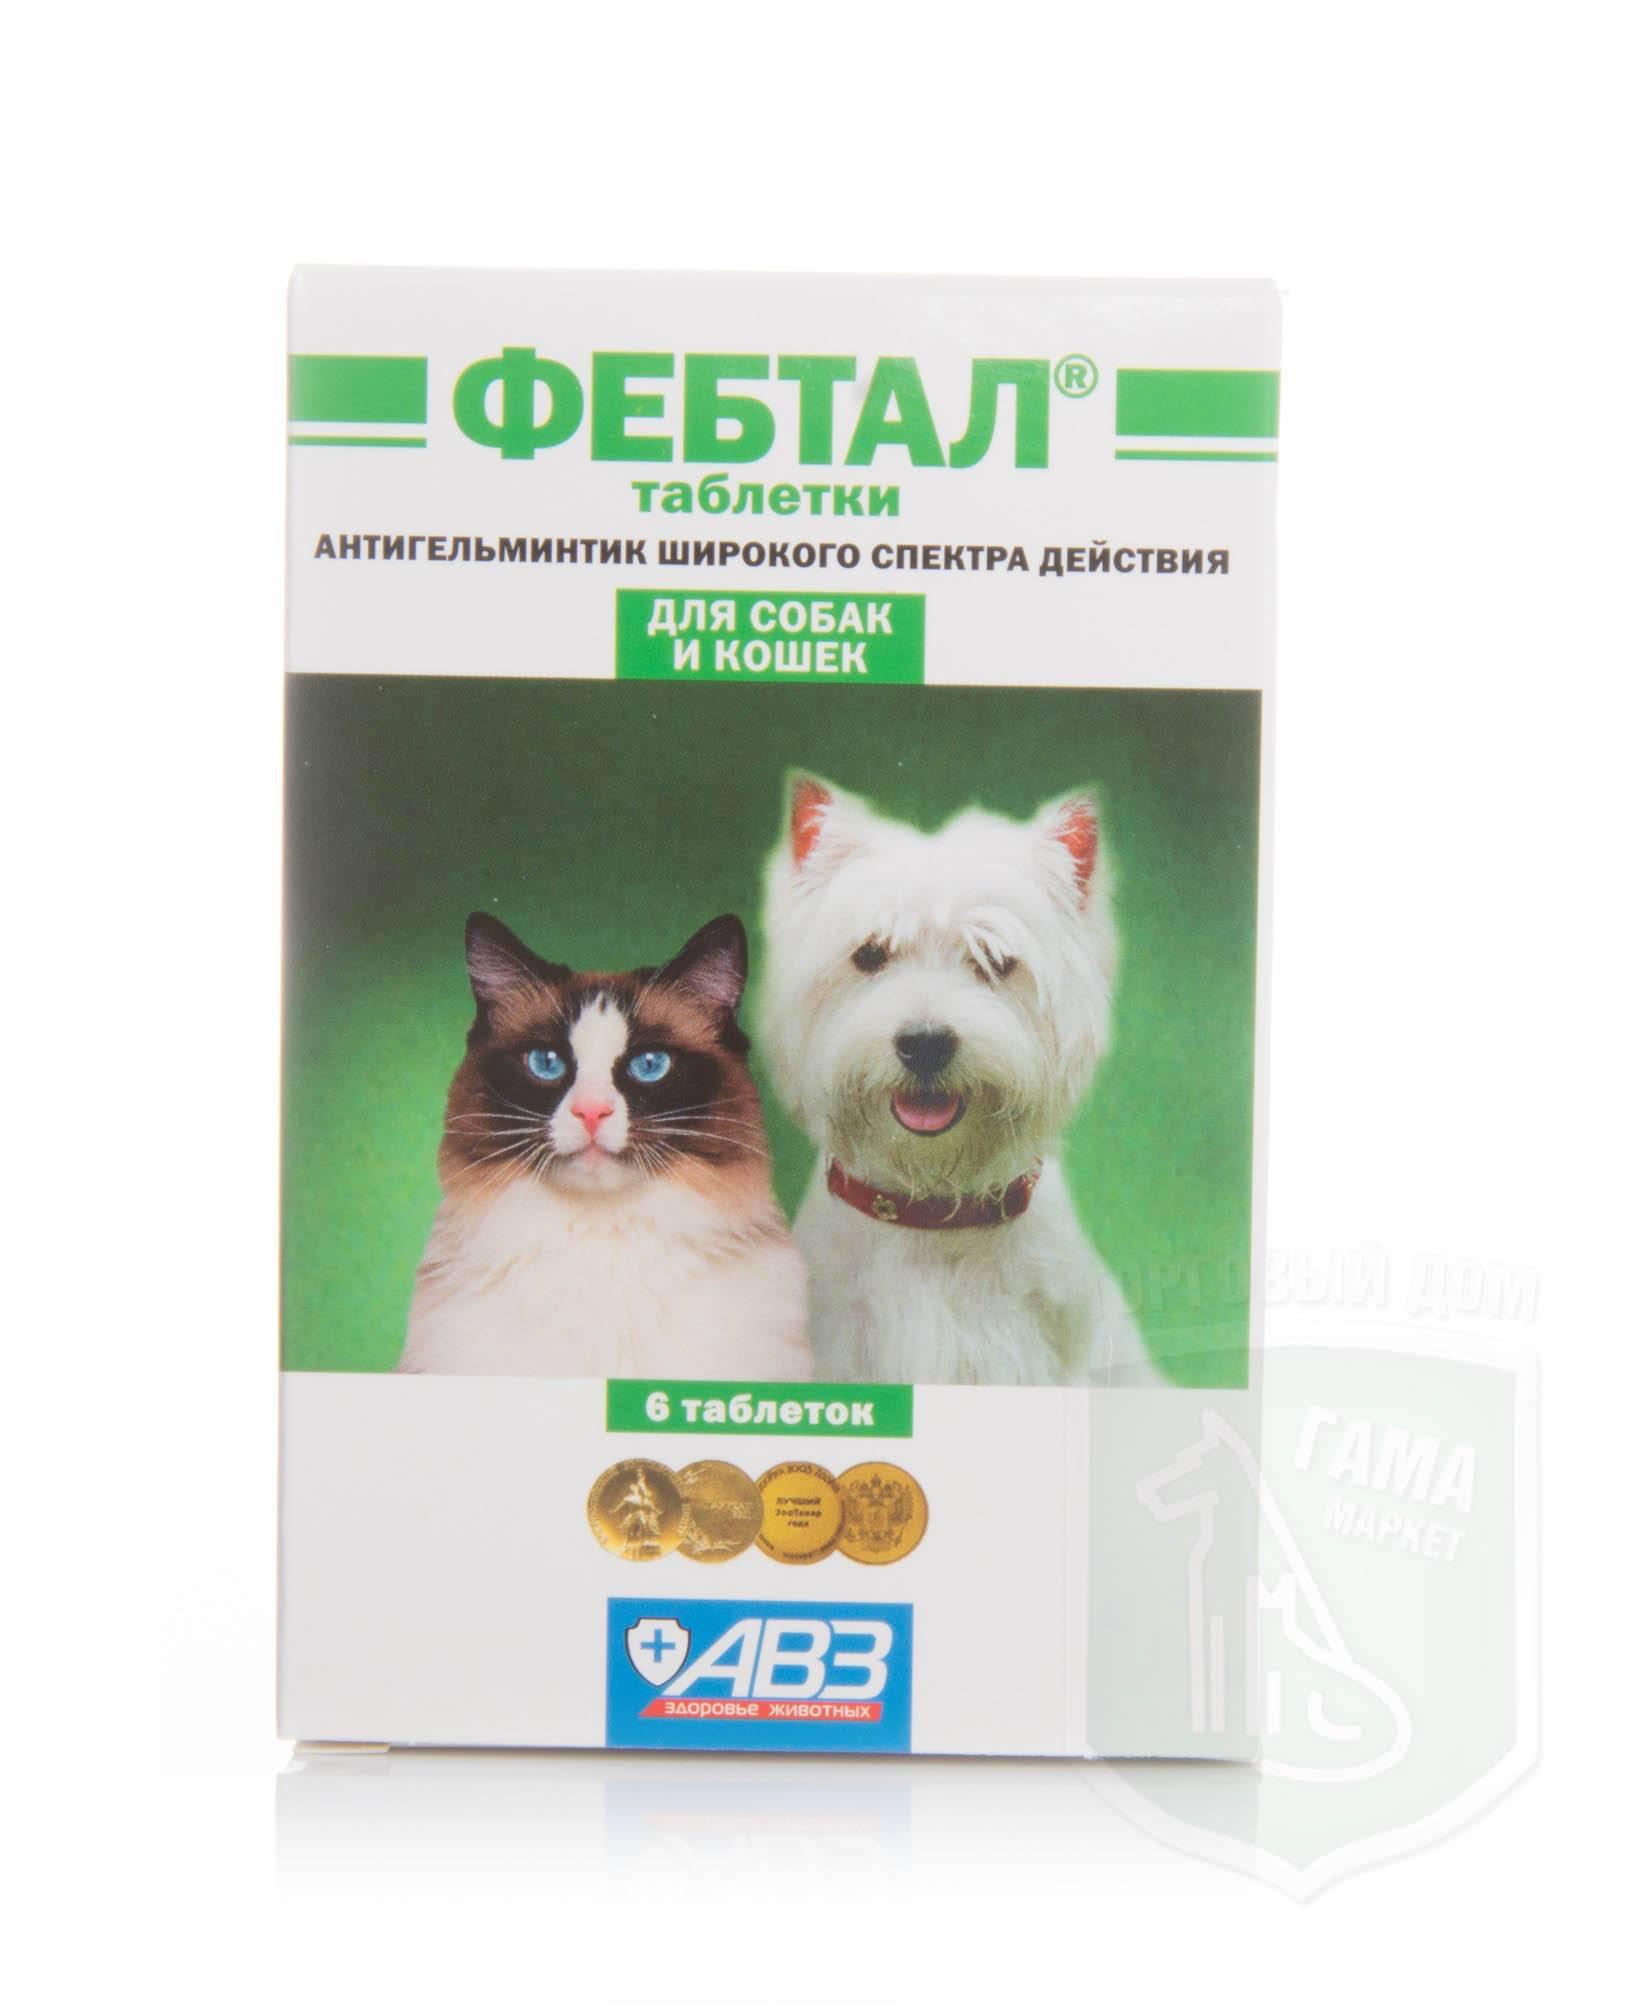 Фебтал: инструкция по применению для кошек и собак